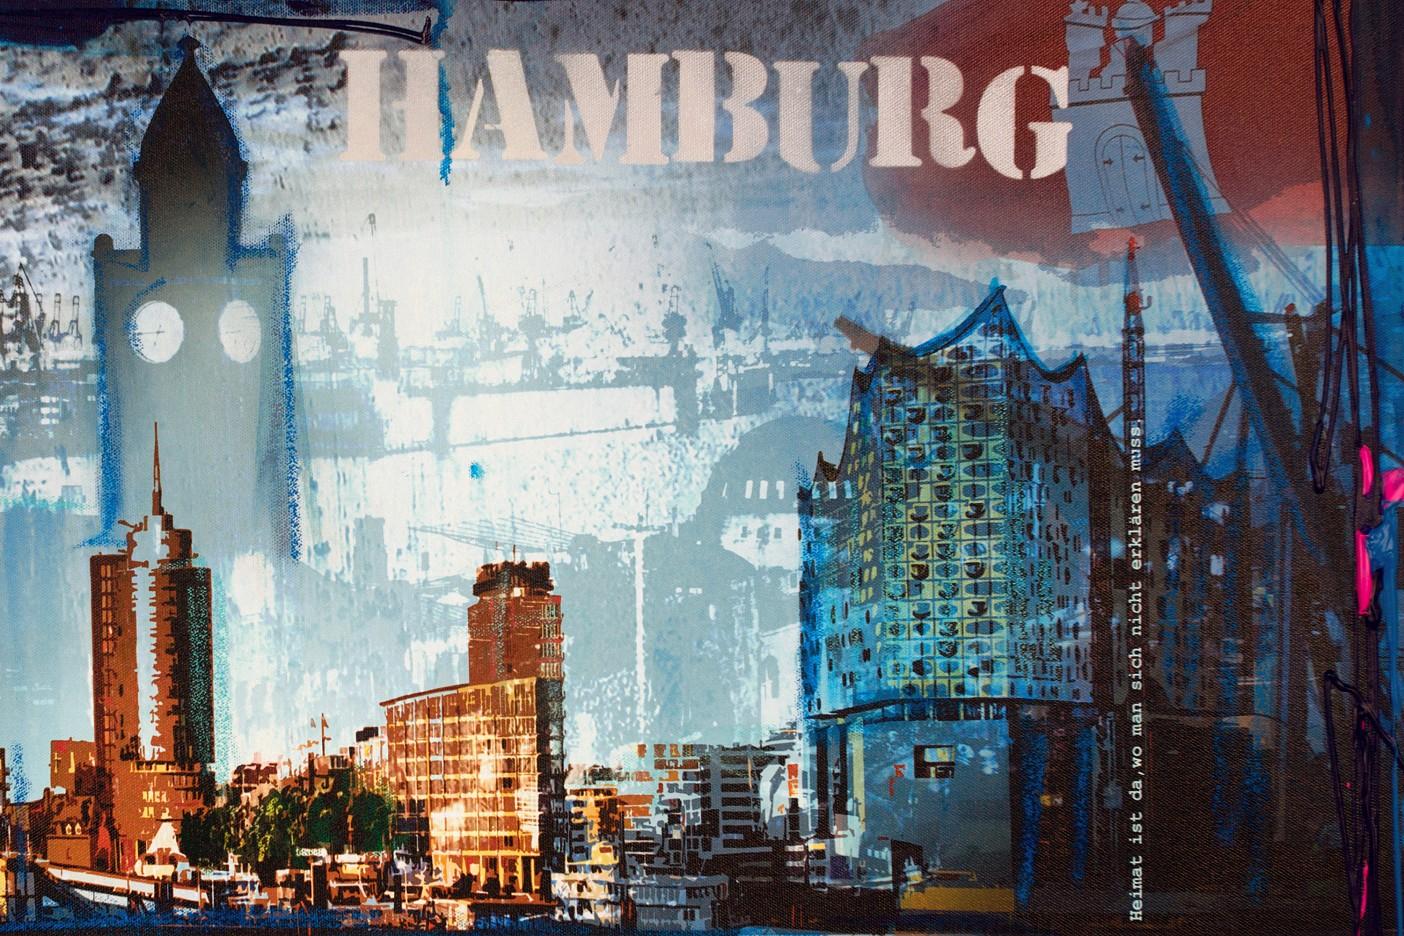 Heimat 2016 - Hamburg am Hafen